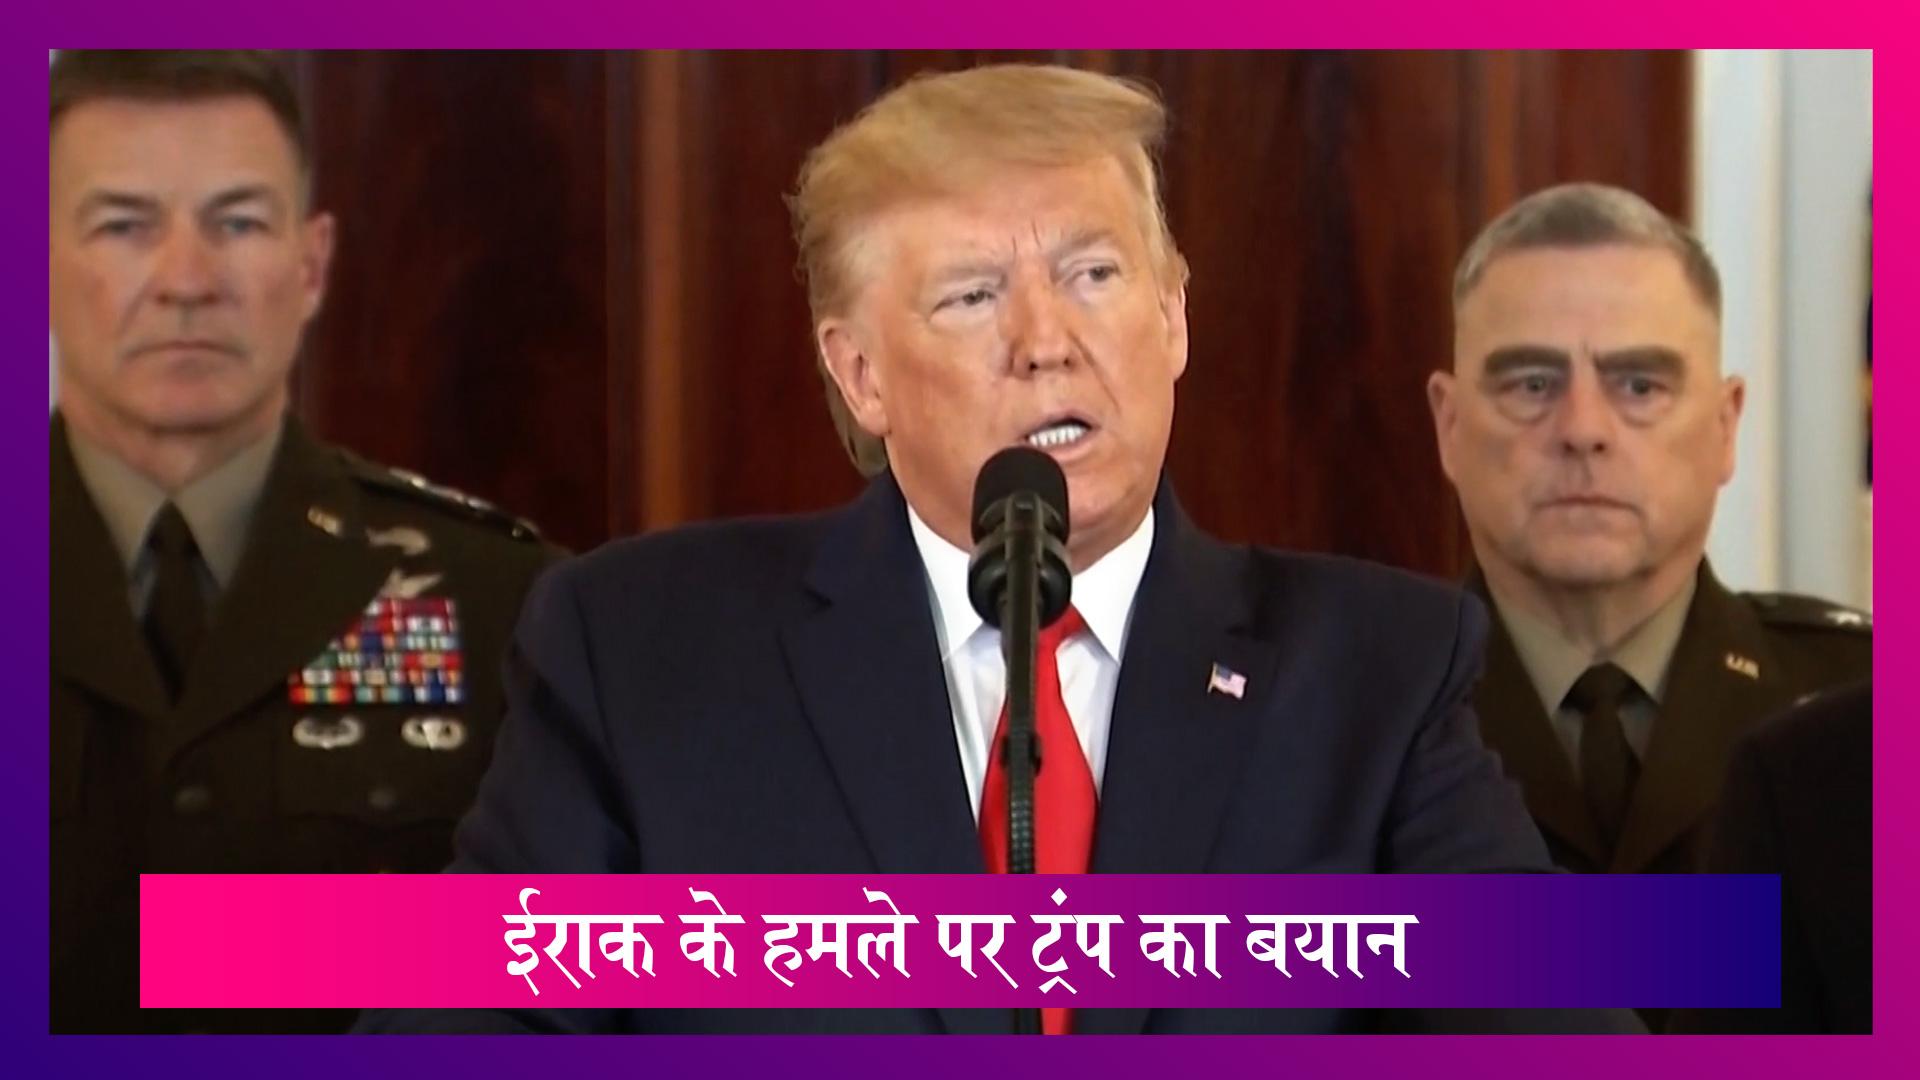 Donald Trump ने कहा Iran के मिसाइल अटैक में अमेरिकी सैनिकों को नहीं पहुंचा कोई नुकसान